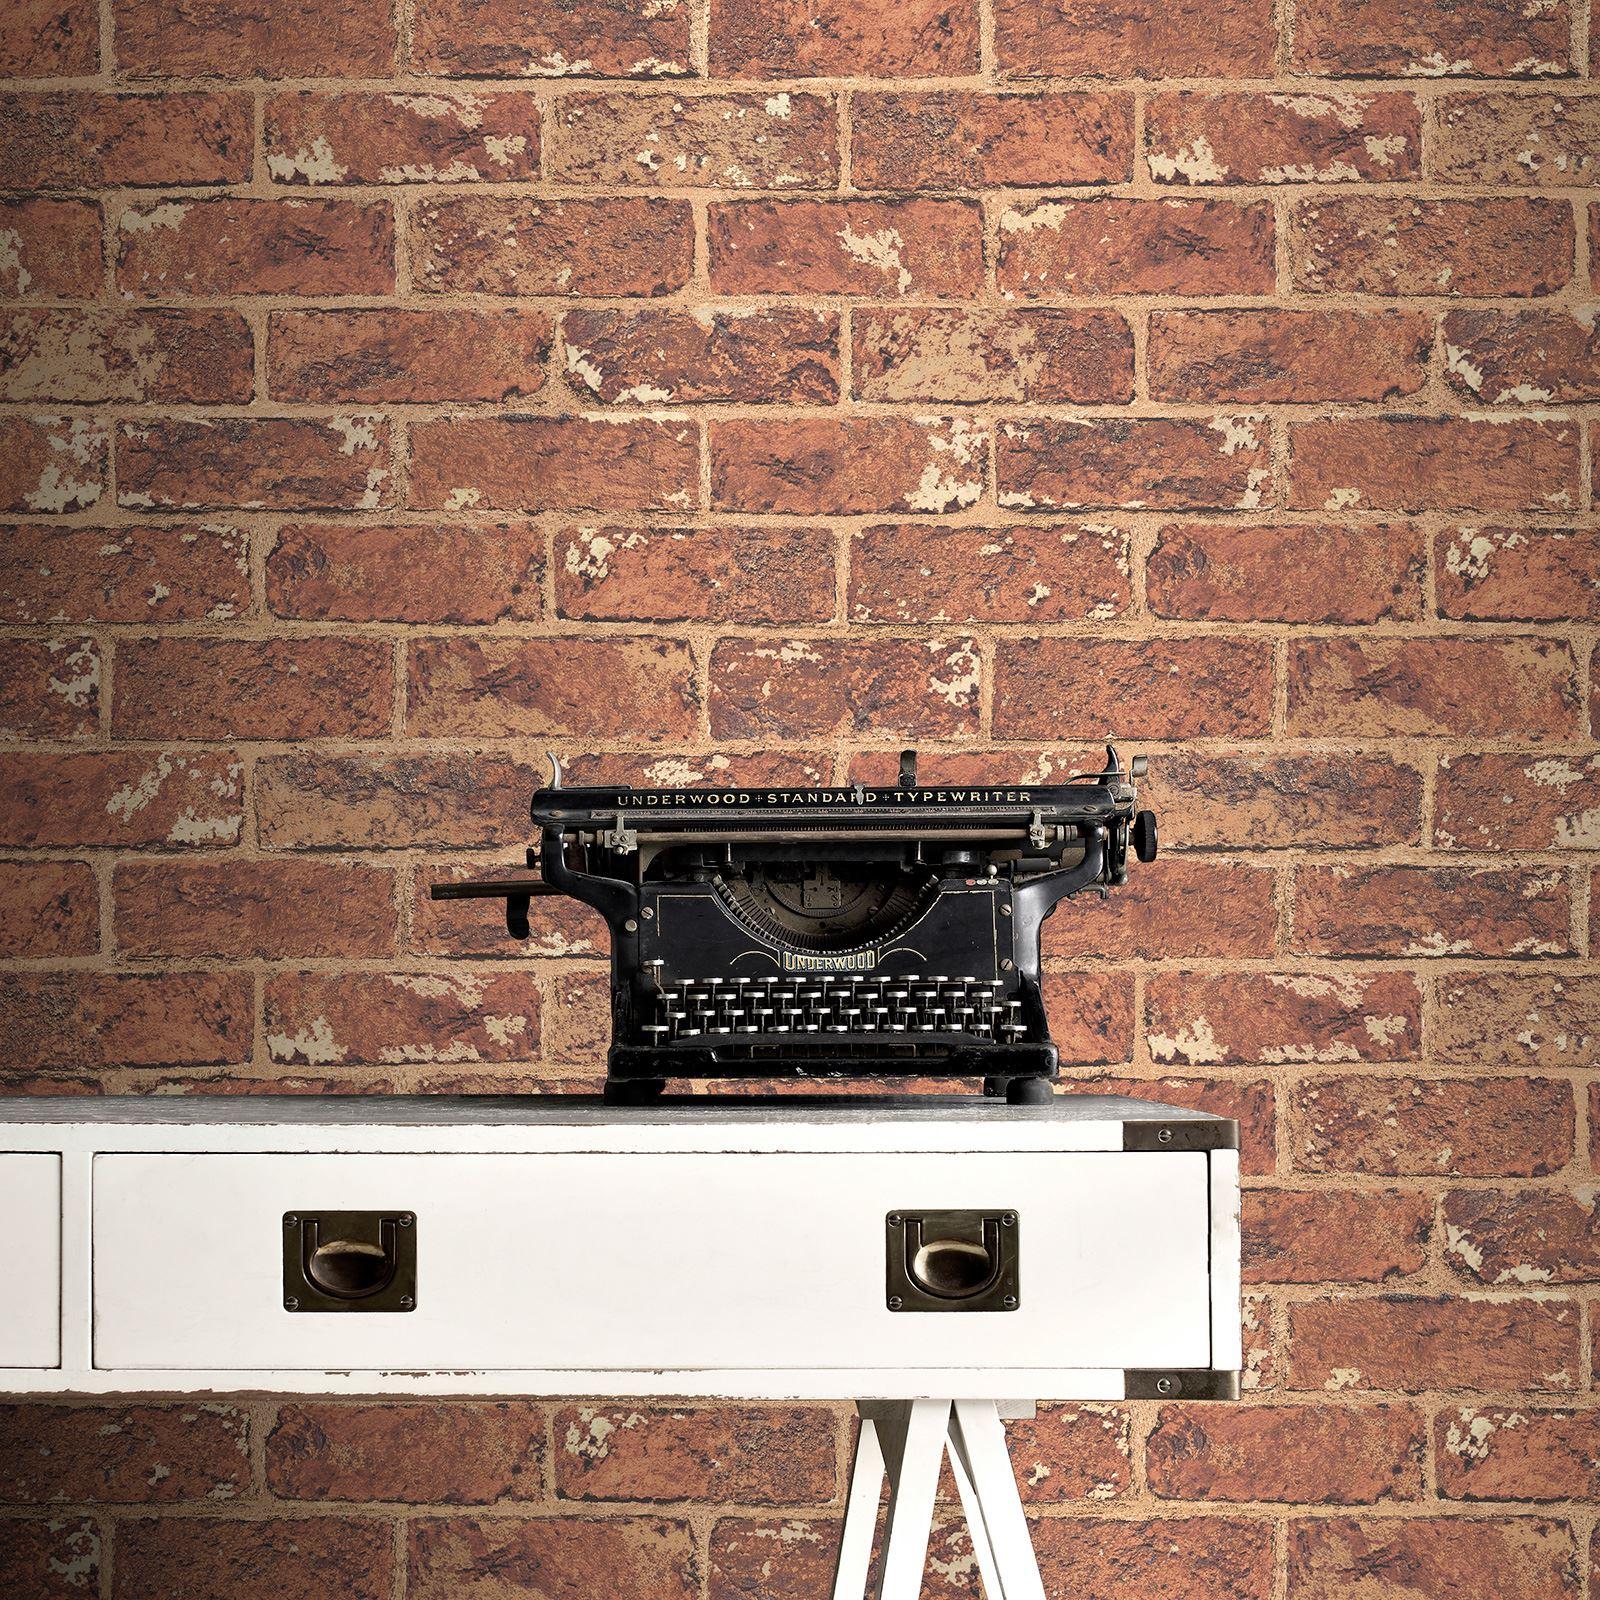 Exklusiv ziegel tapete grau rot schlafzimmer lounge ebay for Schlafzimmer tapete grau